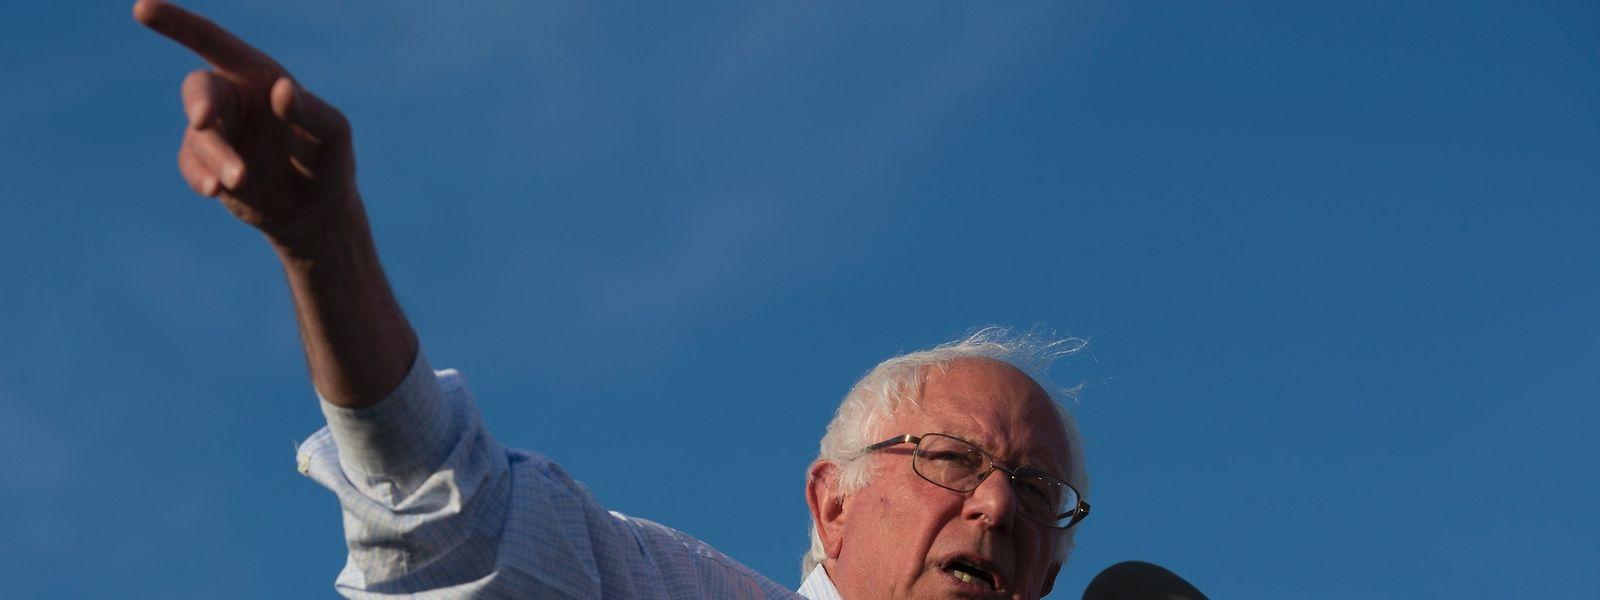 Der Senator aus Vermont hatte sich einen langen Kampf mit Hillary Clinton geliefert.